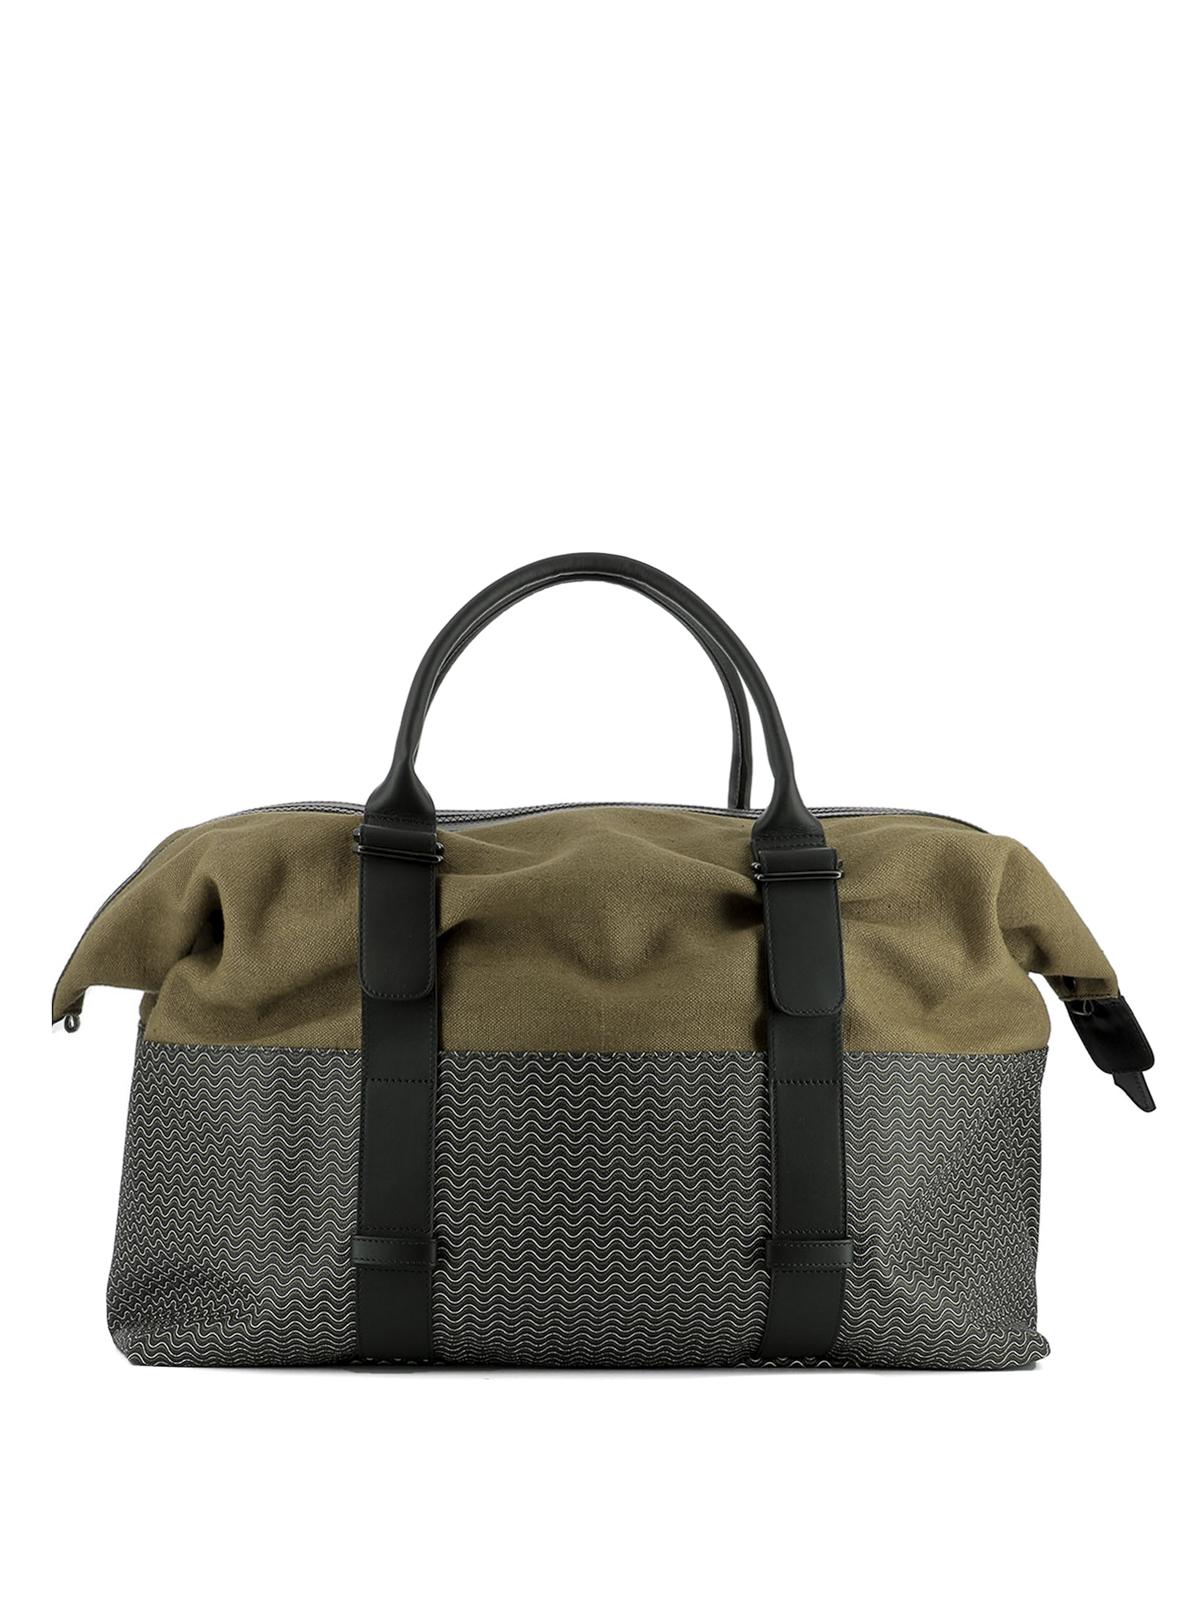 Bag Bags Luggageamp; Zanellato Viandante Bayamo Travel tsQhdrCxB